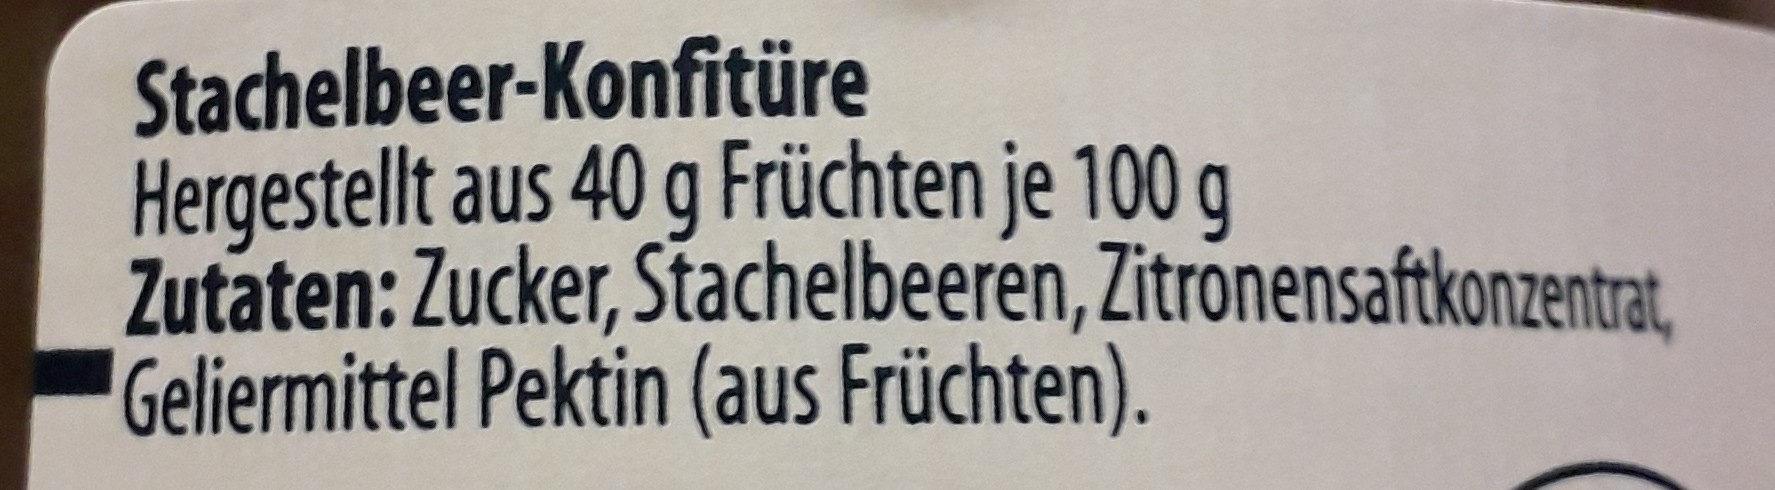 Extra, Stachelbeere - Zutaten - de